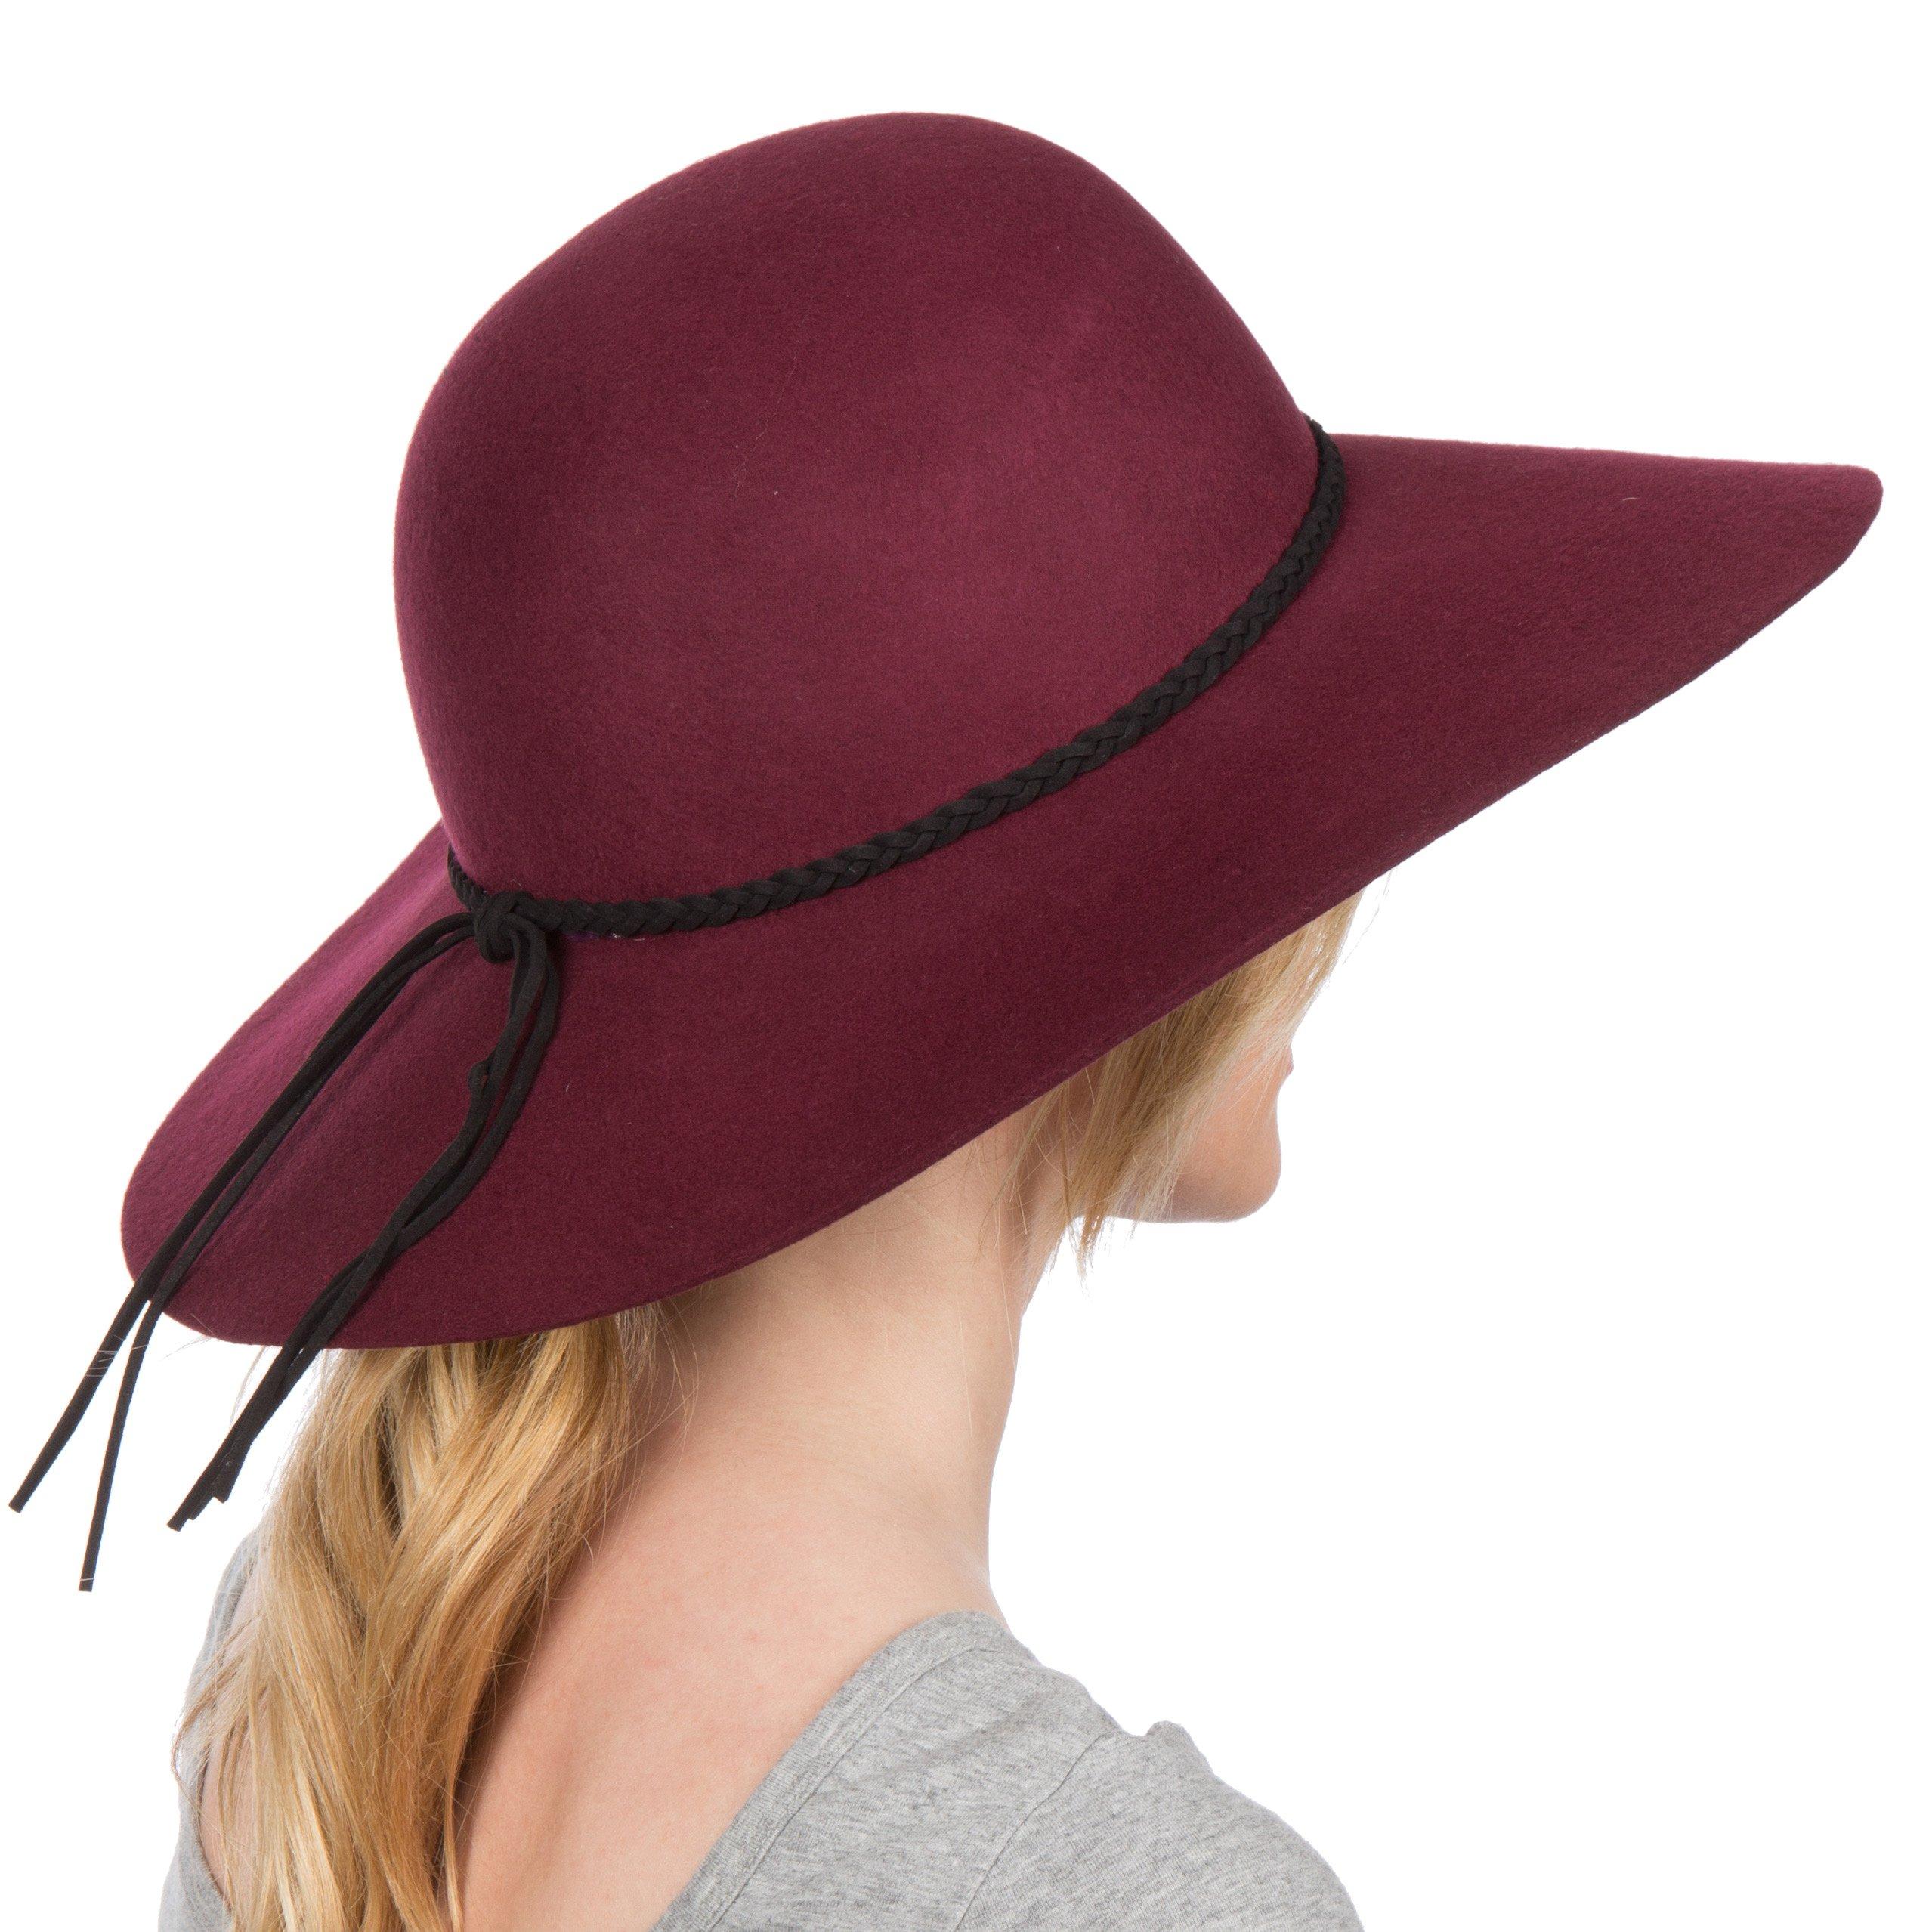 Sakkas 2041SS Greta Vintage Style Wool Floppy Hat - Burgundy - One Size by Sakkas (Image #2)